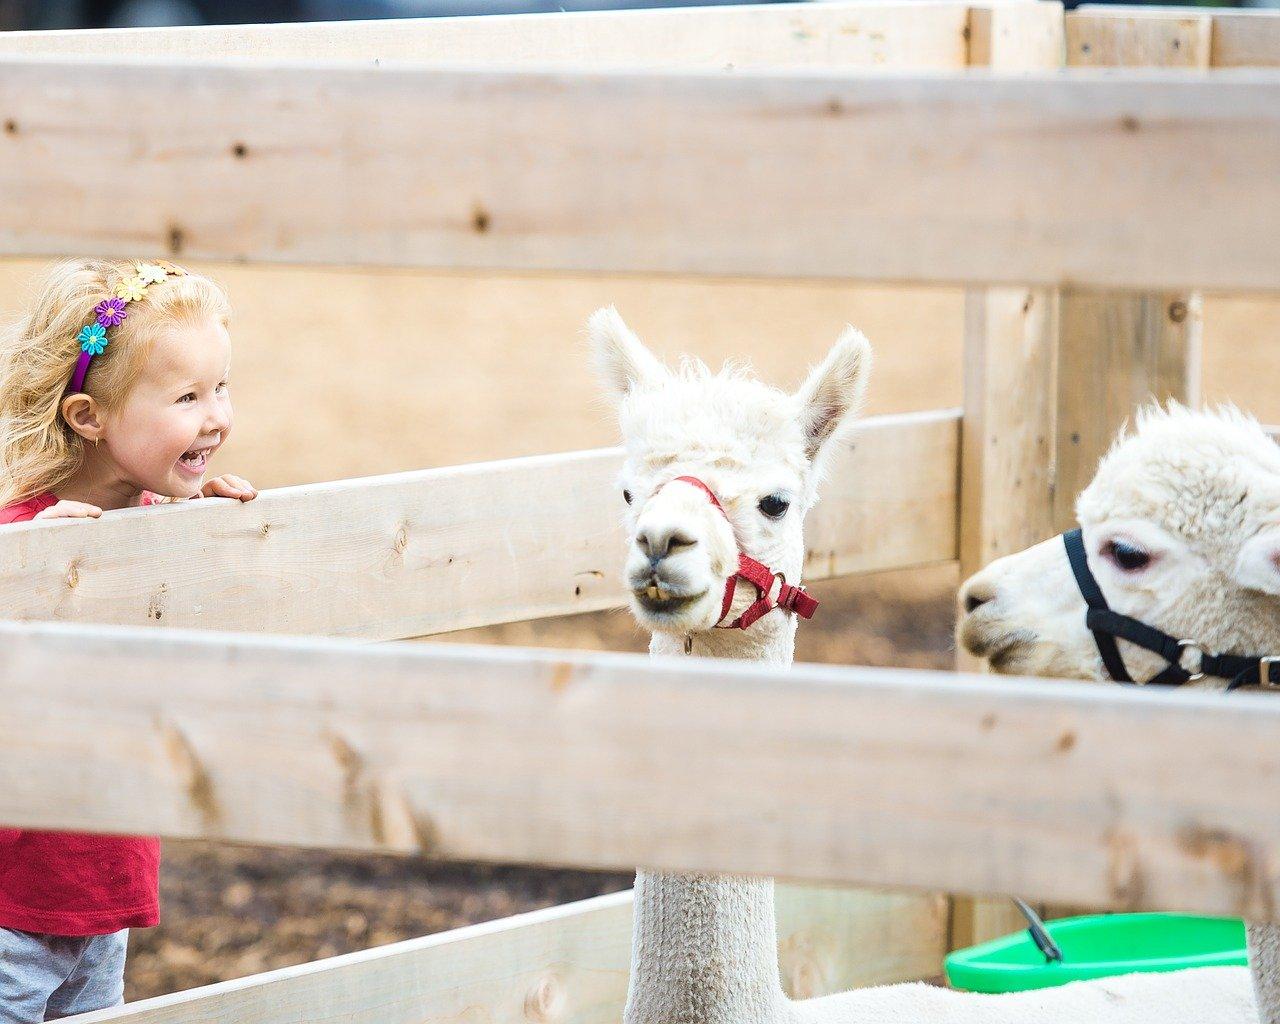 zoo dziecko lama